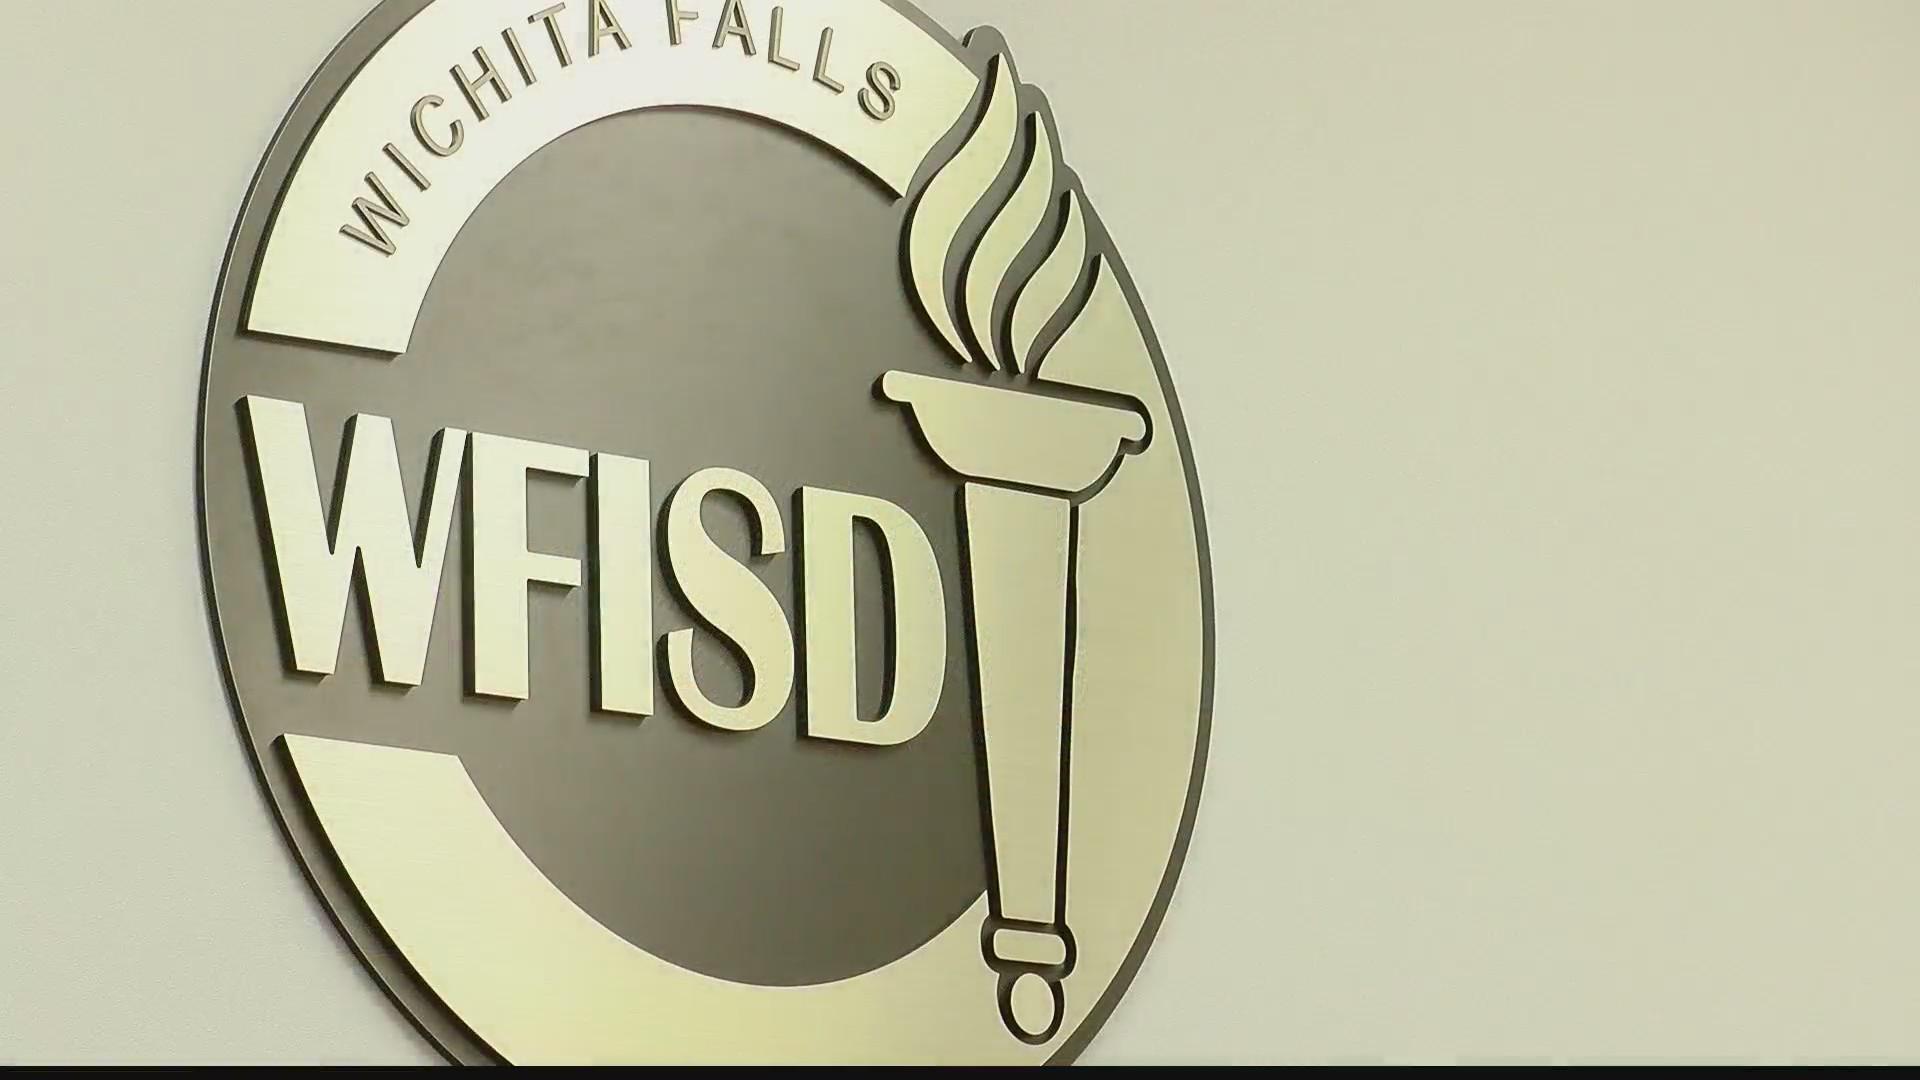 WFISD_school_board_members_to_decide_on__1_20190523231947